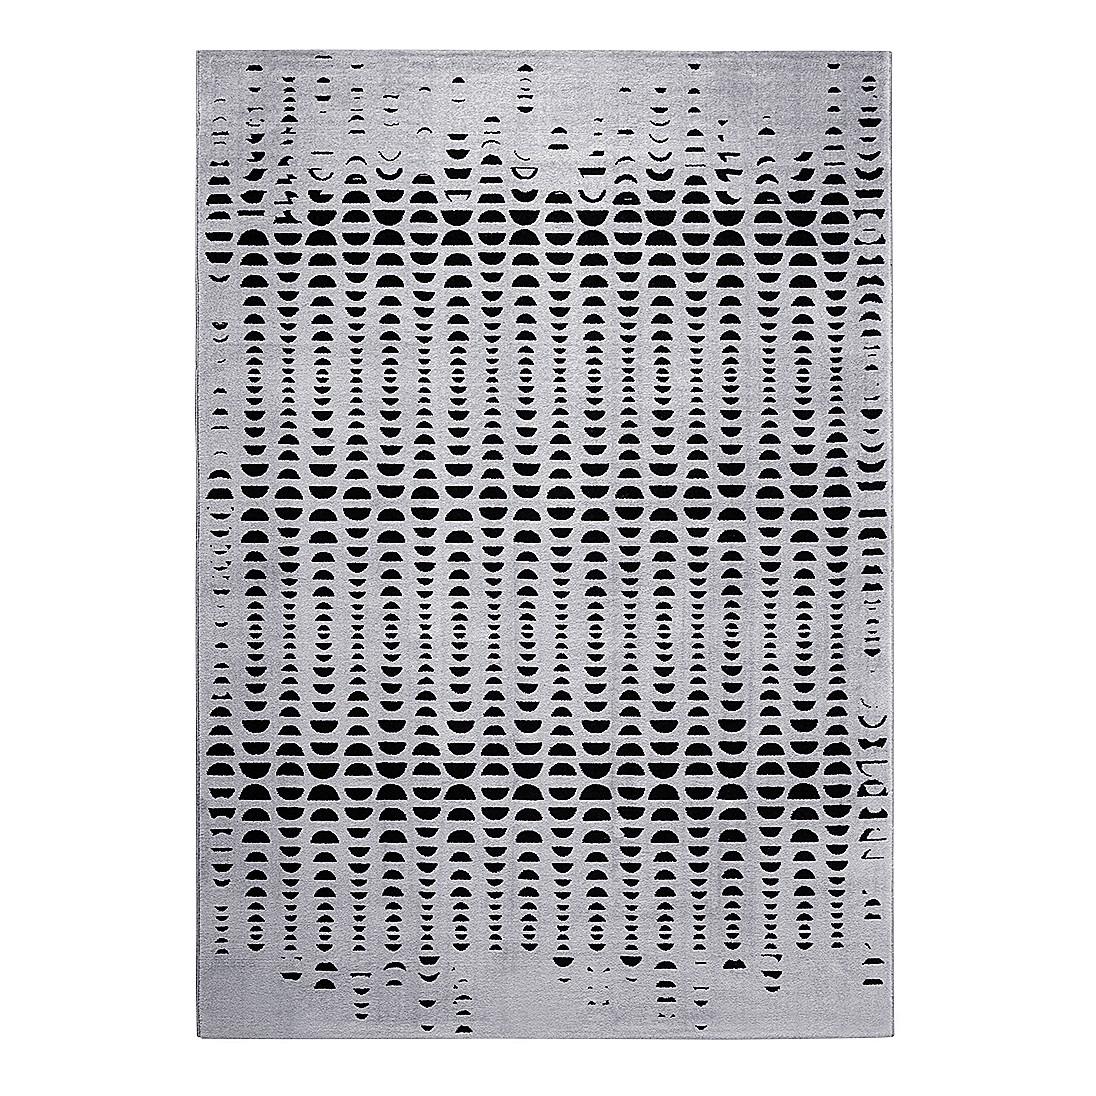 Teppich Luna - Kunstfaser - Grau / Schwarz - 200 x 290 cm, Esprit Home